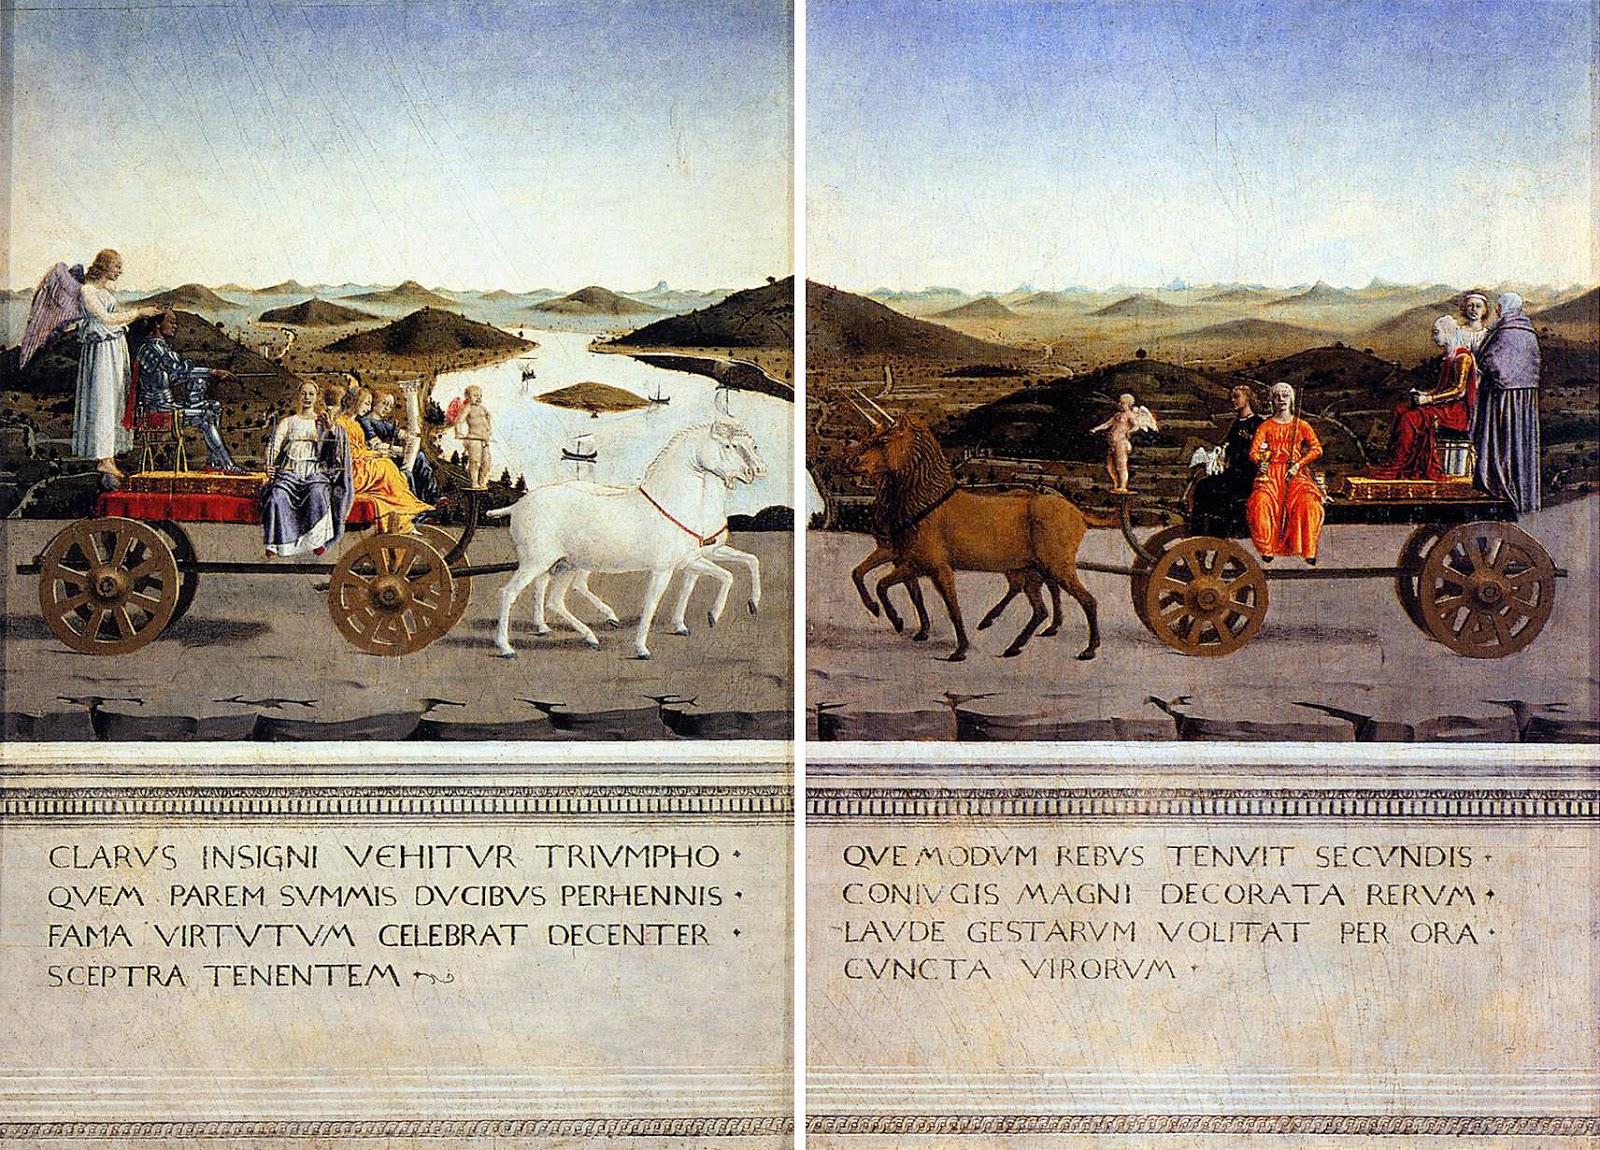 Piero della Francesca - Díptico de Urbino - Federico da Montefeltro y Battista Sforza